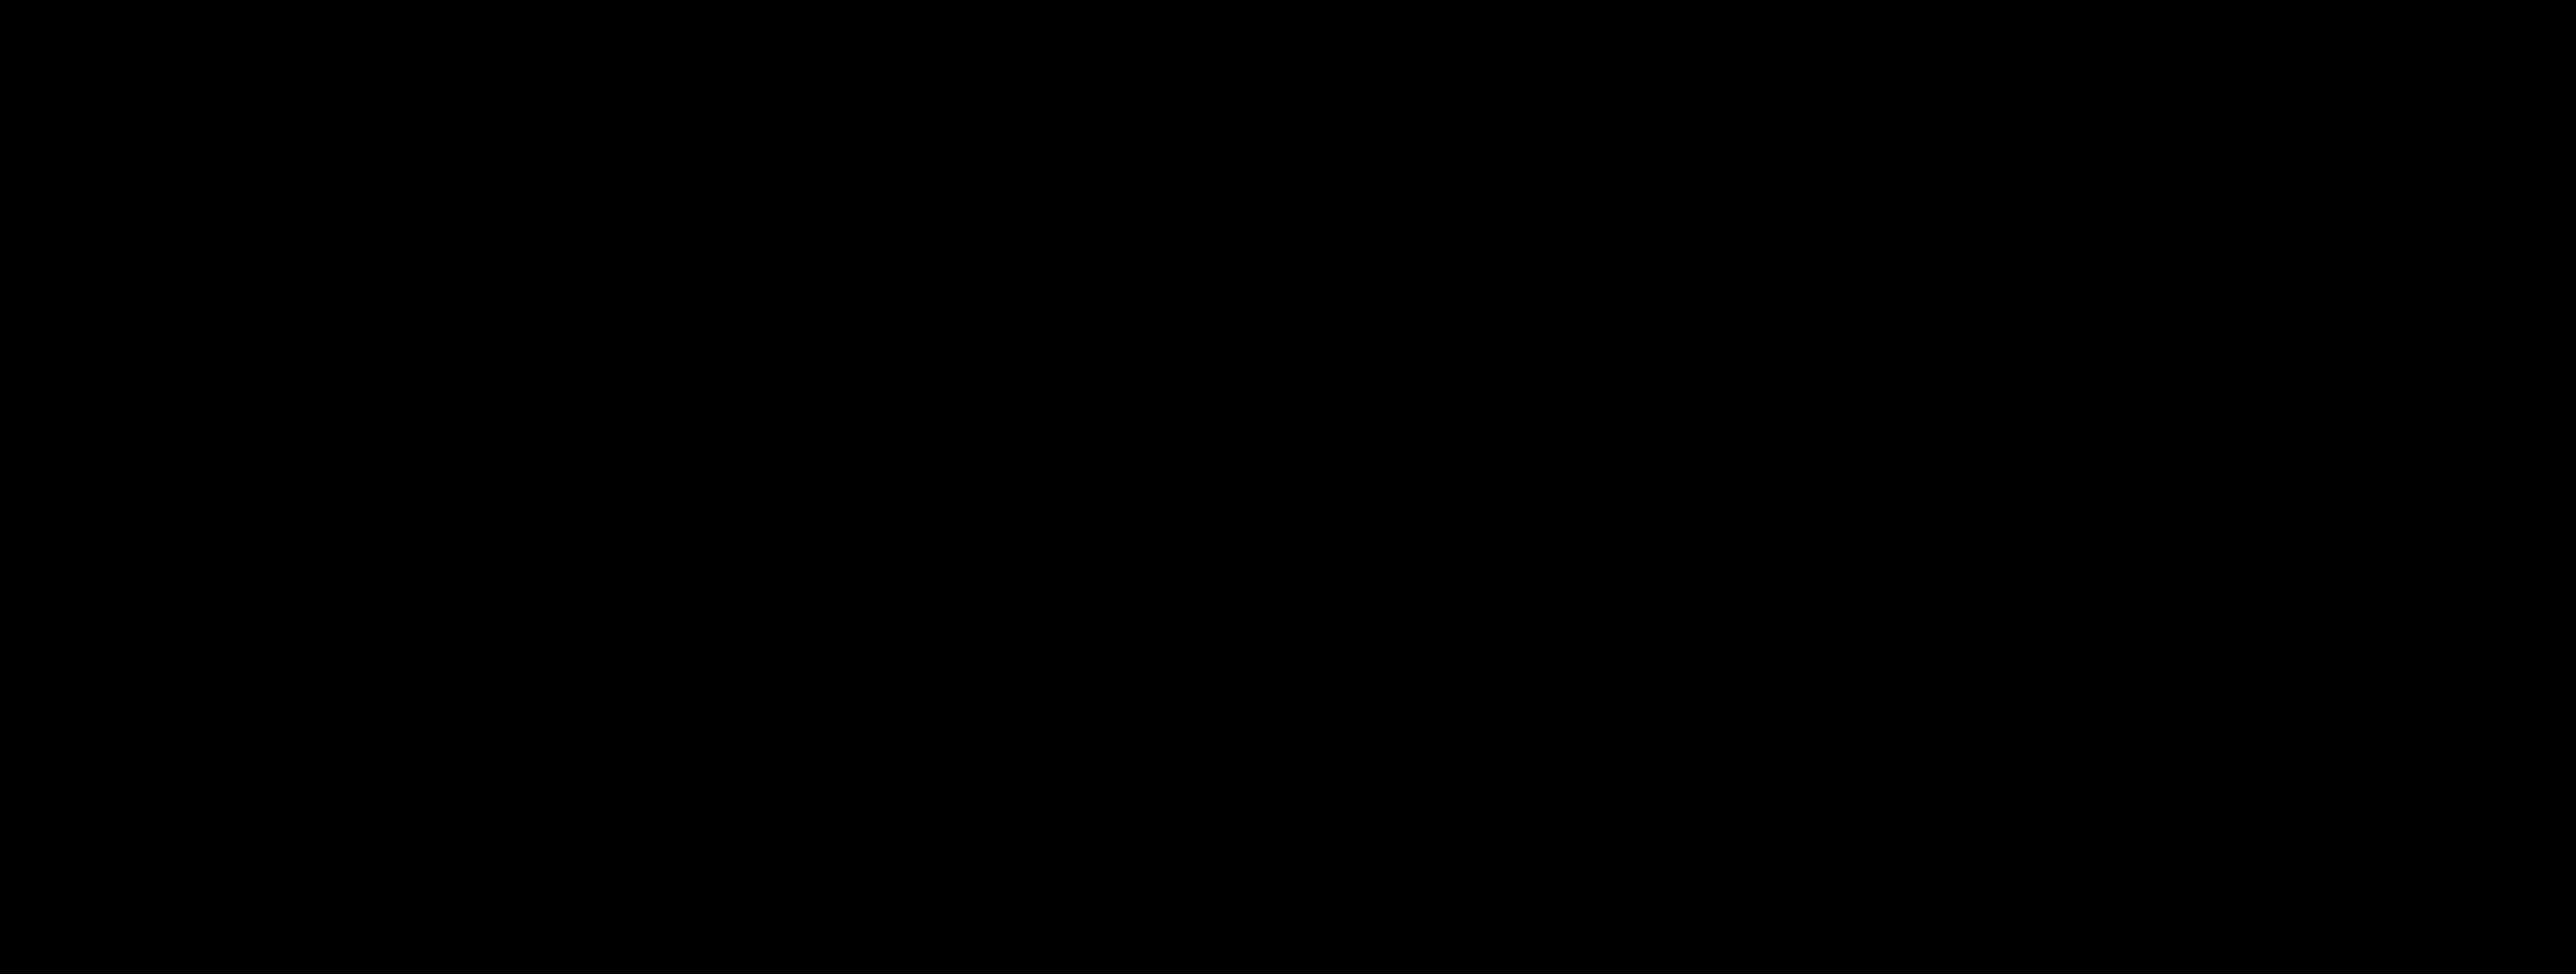 Panaceum - gabinety rehabilitacji. BardoMed - sprzęt medyczny, fitness